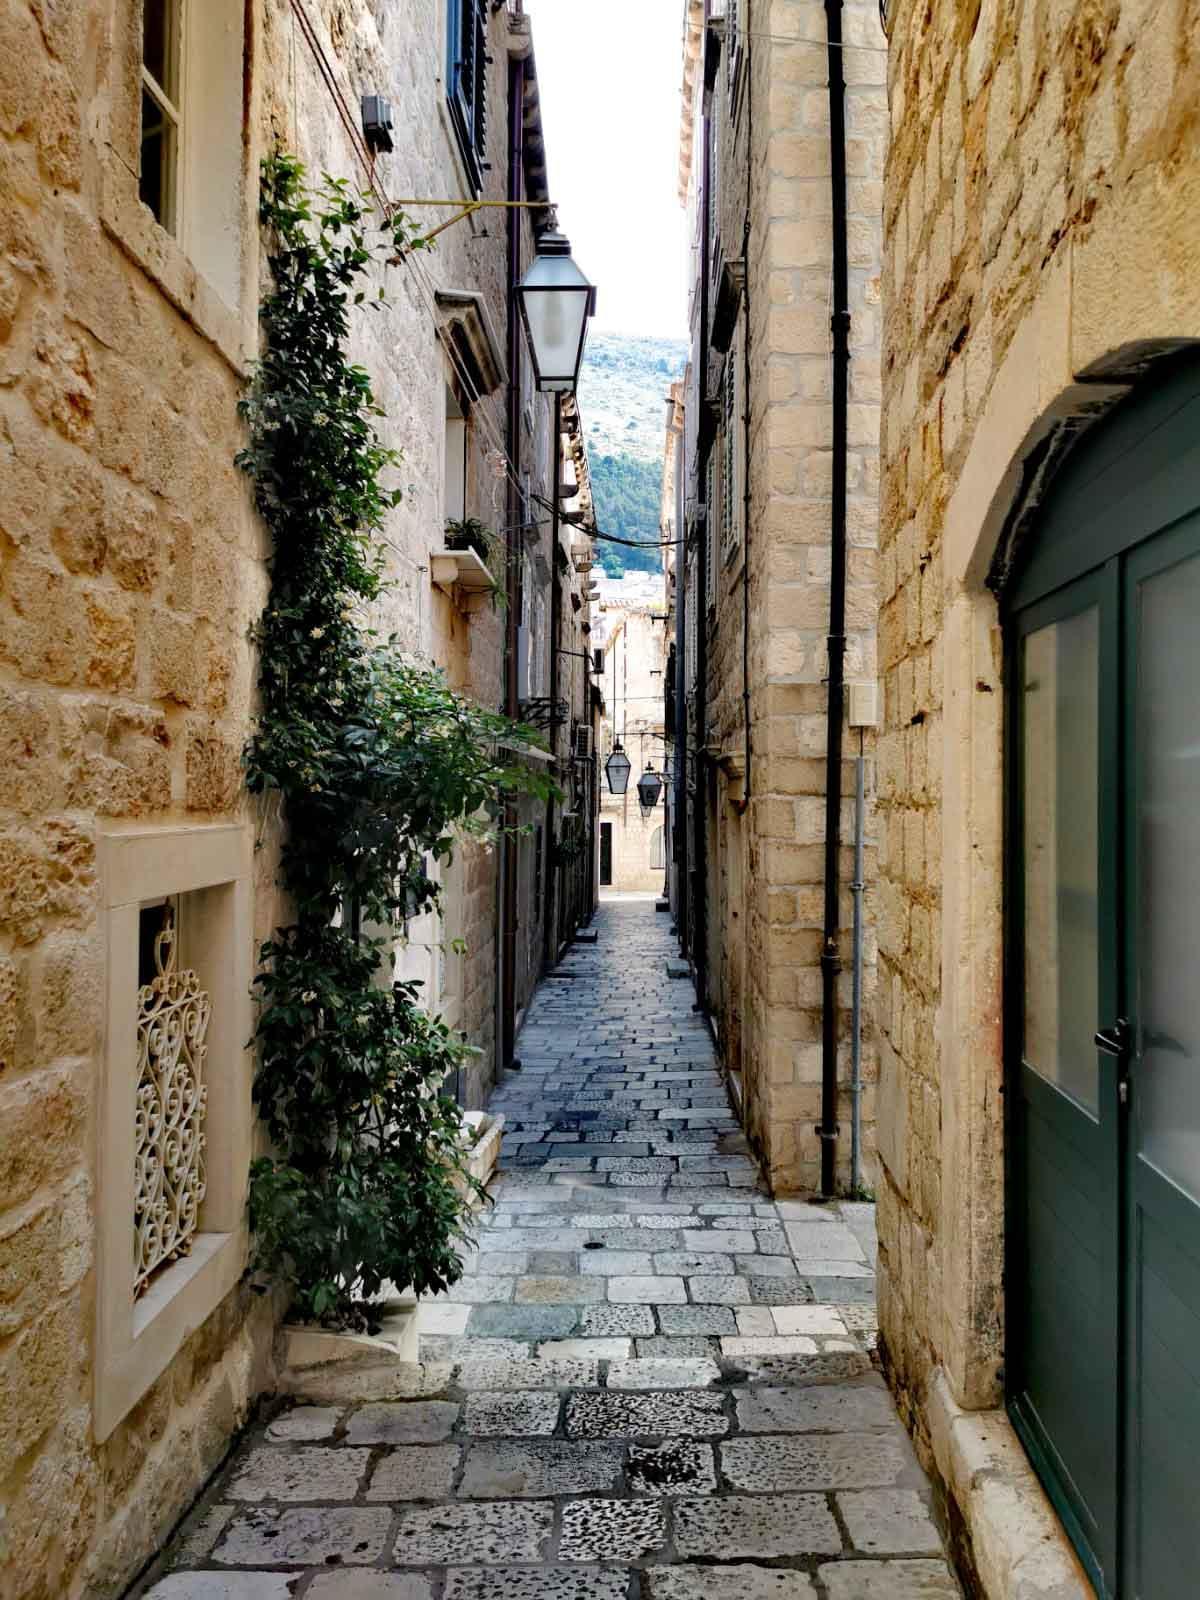 Mittelalterliche Gassen in Dubrovnik